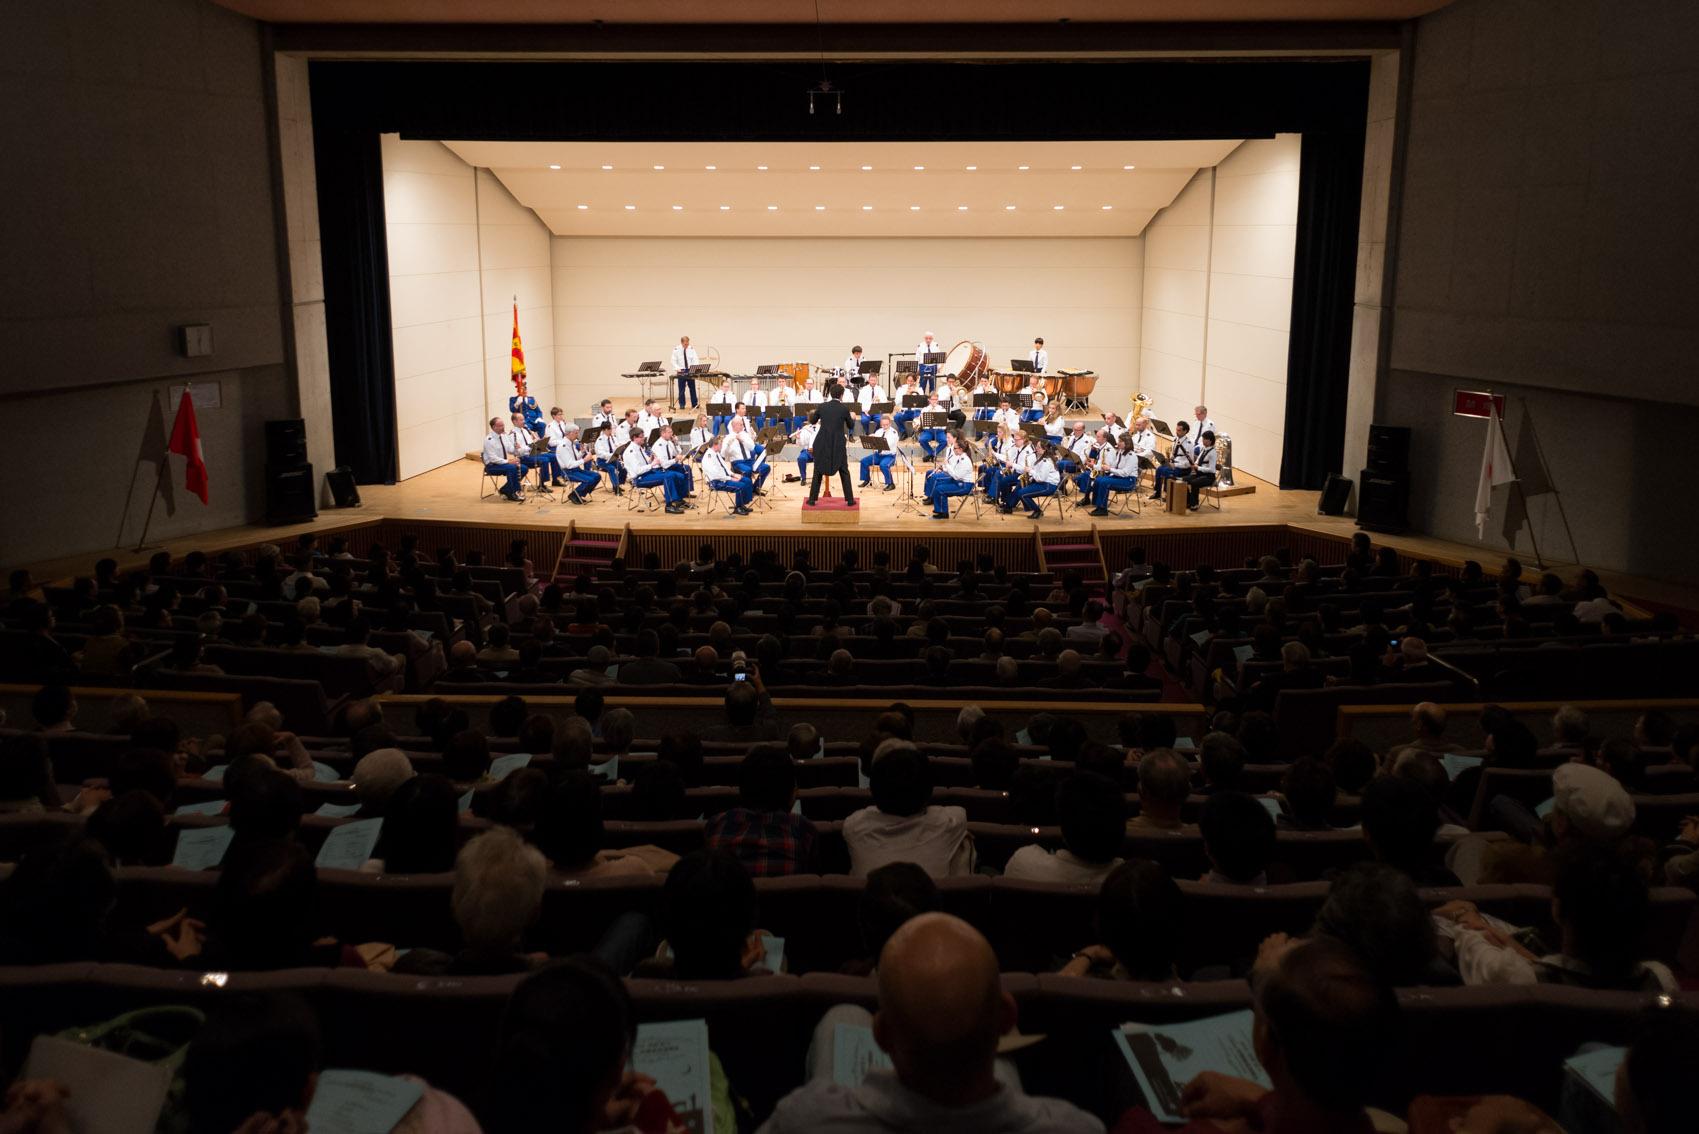 2014-10-23_Concert-Sennan_06